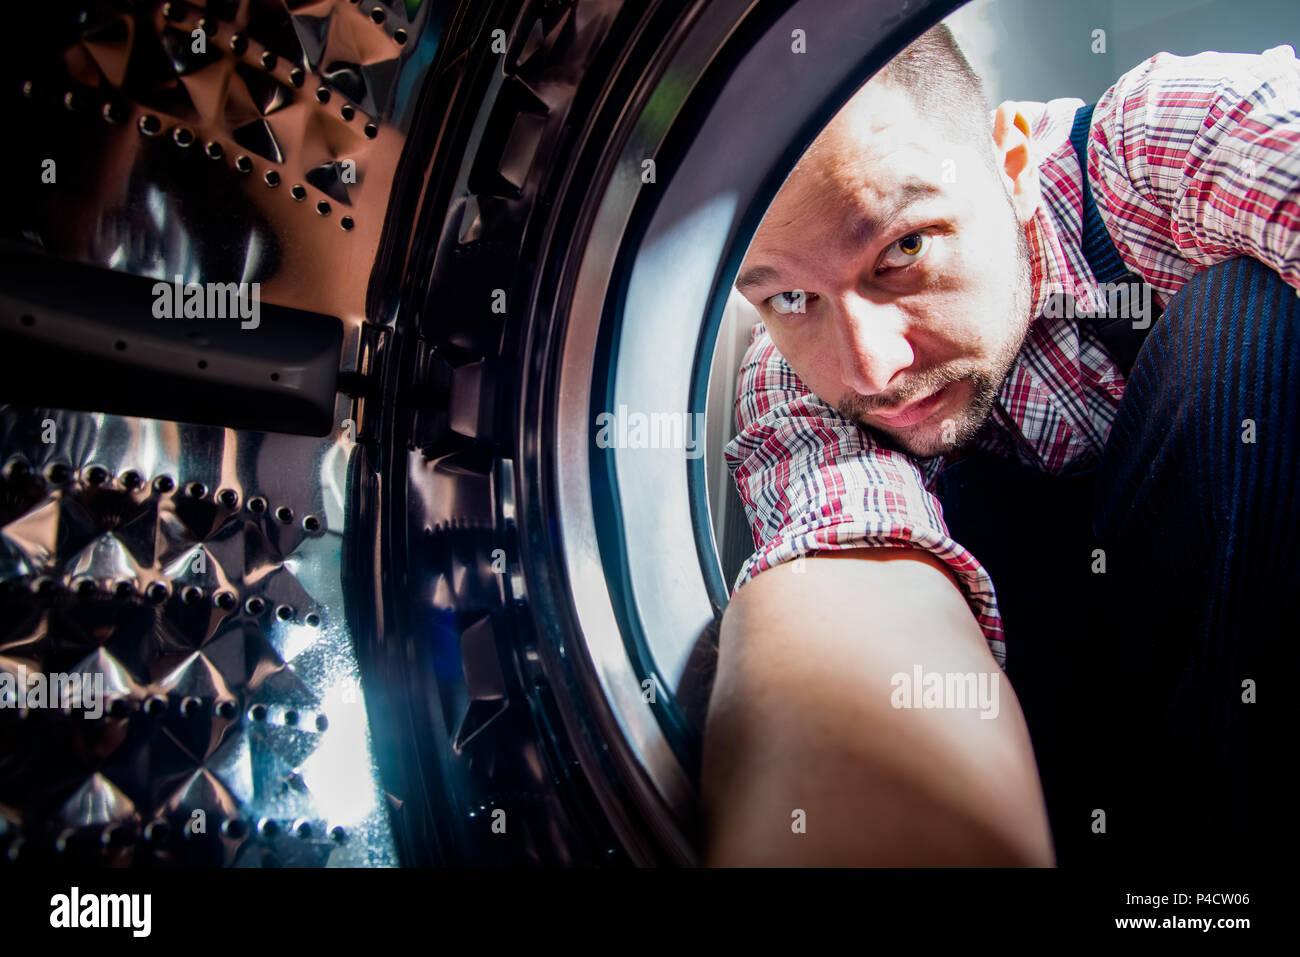 Reparar el hombre la fijación de la lavadora en el baño, vista desde el interior de la máquina Imagen De Stock